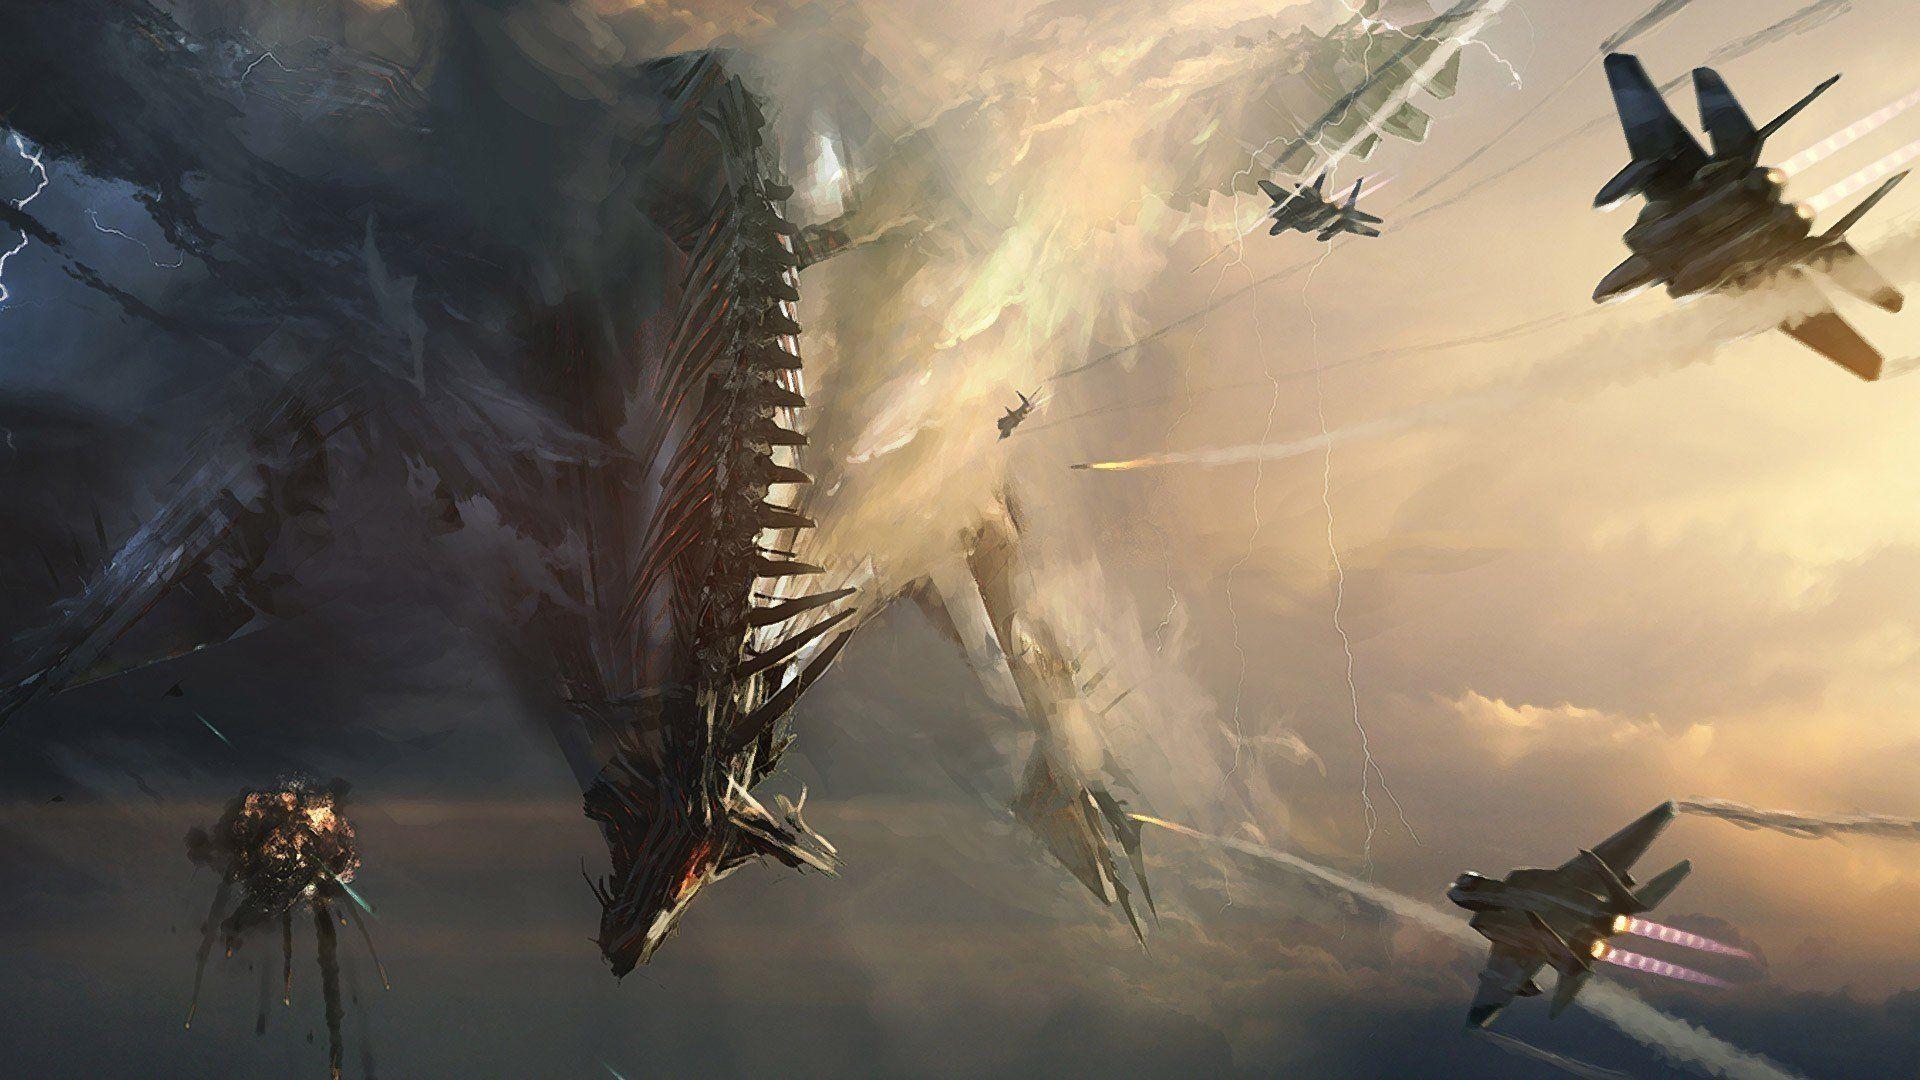 dragon-robot-spaceship-jet.jpg (1920×1080)